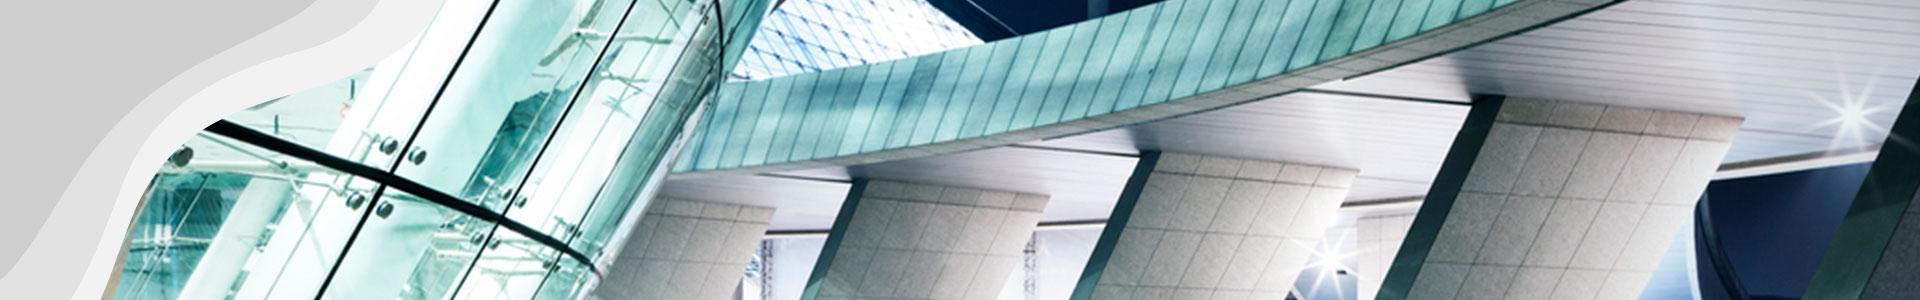 Iluminación en Arquitectura y Diseño de Interiores -  Facultad de Arquitectura